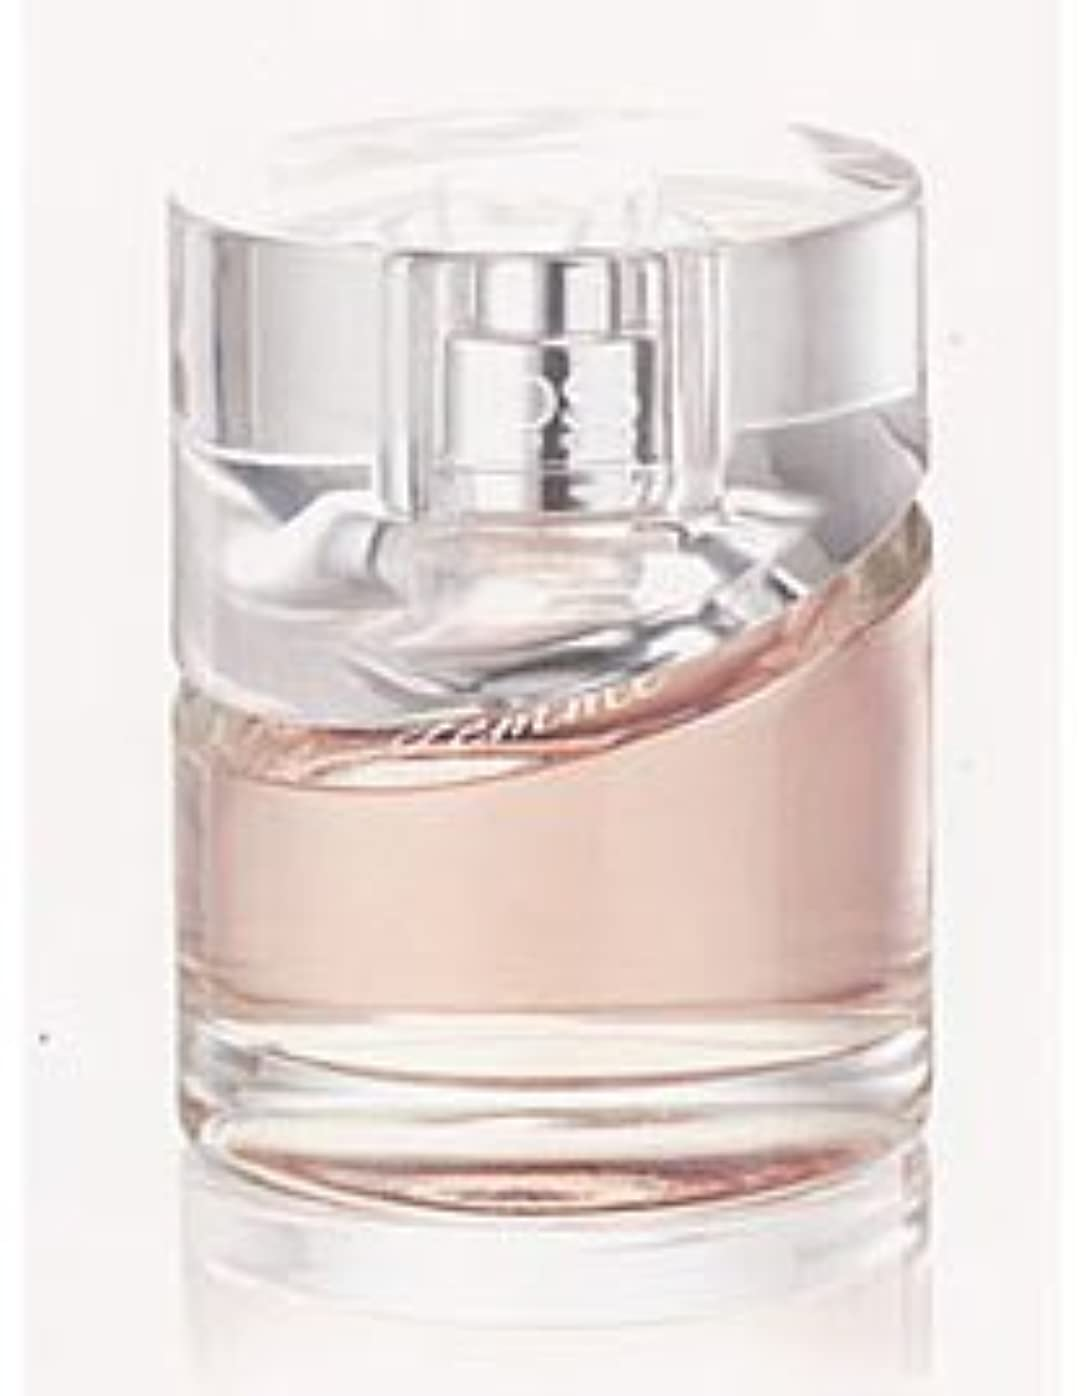 拡散する売上高きらきら[LOreal] Mythic Oil Souffle dOr Sparkling Conditioner (For All Hair Types) 750ml/25.4oz